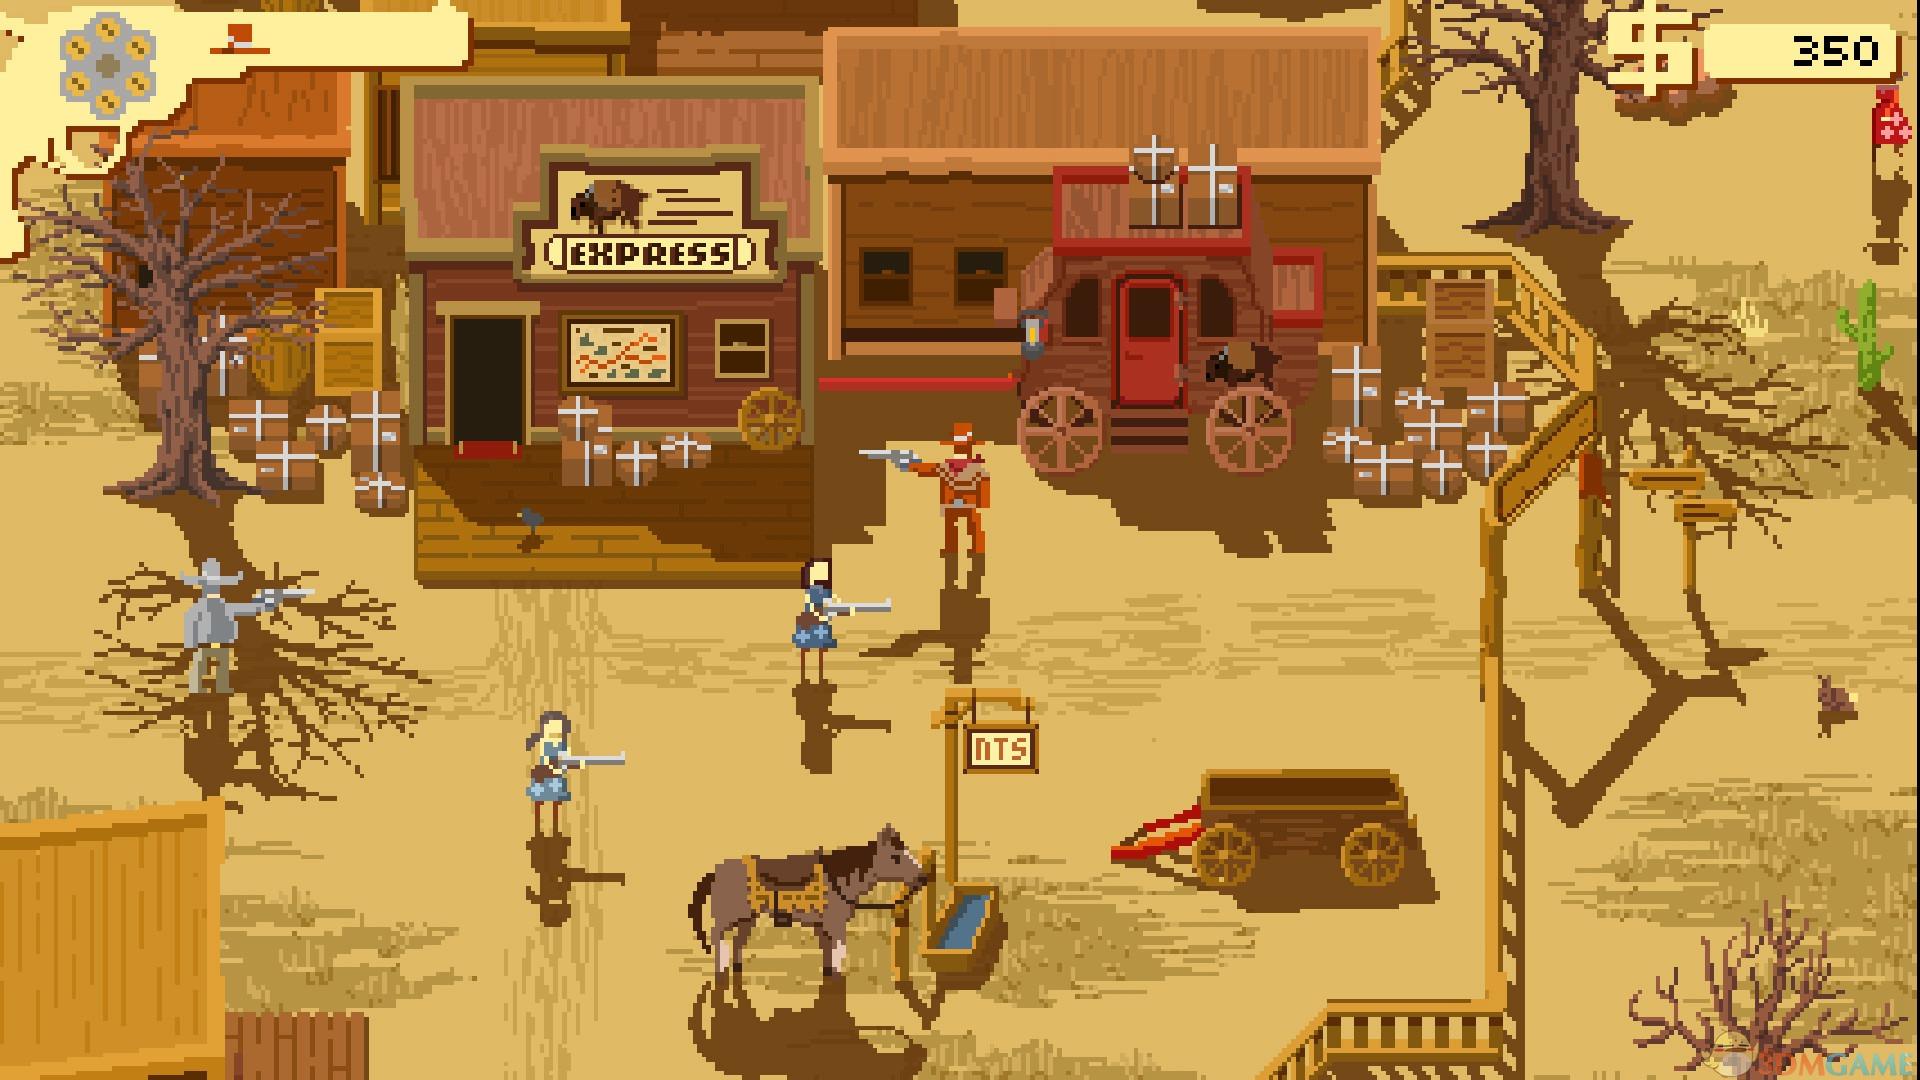 《西部正义:双管猎枪(Westerado: Double Barreled)》是一款由Ostrich Banditos制作、Adult Swim Games发行的动作冒险游戏。游戏讲述了一位牛仔在壮美的夕阳下过着平静的生活,追赶一头逃散的野牛。等他骑牛凯旋时,夜幕已经悄然降临。突然,眼前亮起一片冲天火光。他跳下牛背冲向农庄,却发现燃烧的家园、死去的母亲和重伤的亲人。主角从垂死的哥哥手中接过沉甸甸的左轮枪,心中烙上凶手的第一条线索,跨上叔叔的骏马。于是一场混杂着酒精、金钱、愤怒的复仇之旅就此展开。